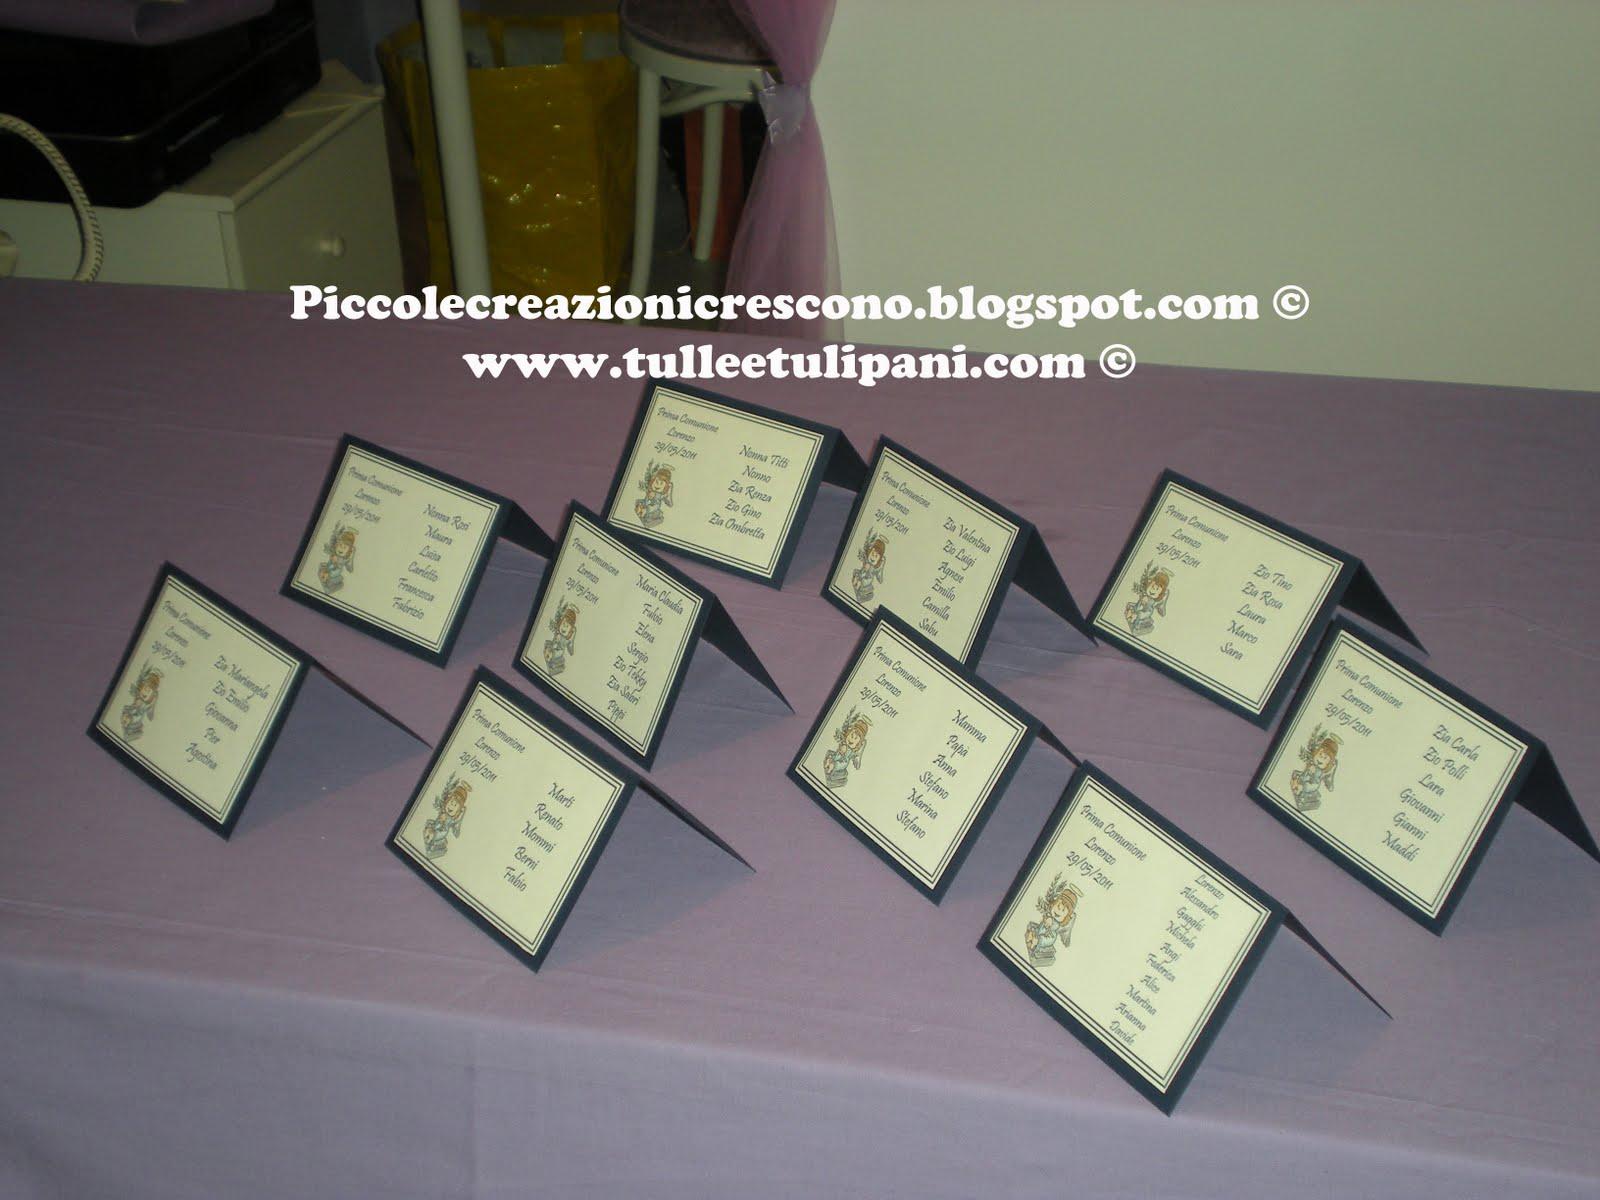 Conosciuto Piccole Creazioni Crescono: 29 Maggio 2011: Segnatavoli per Prima  OY72